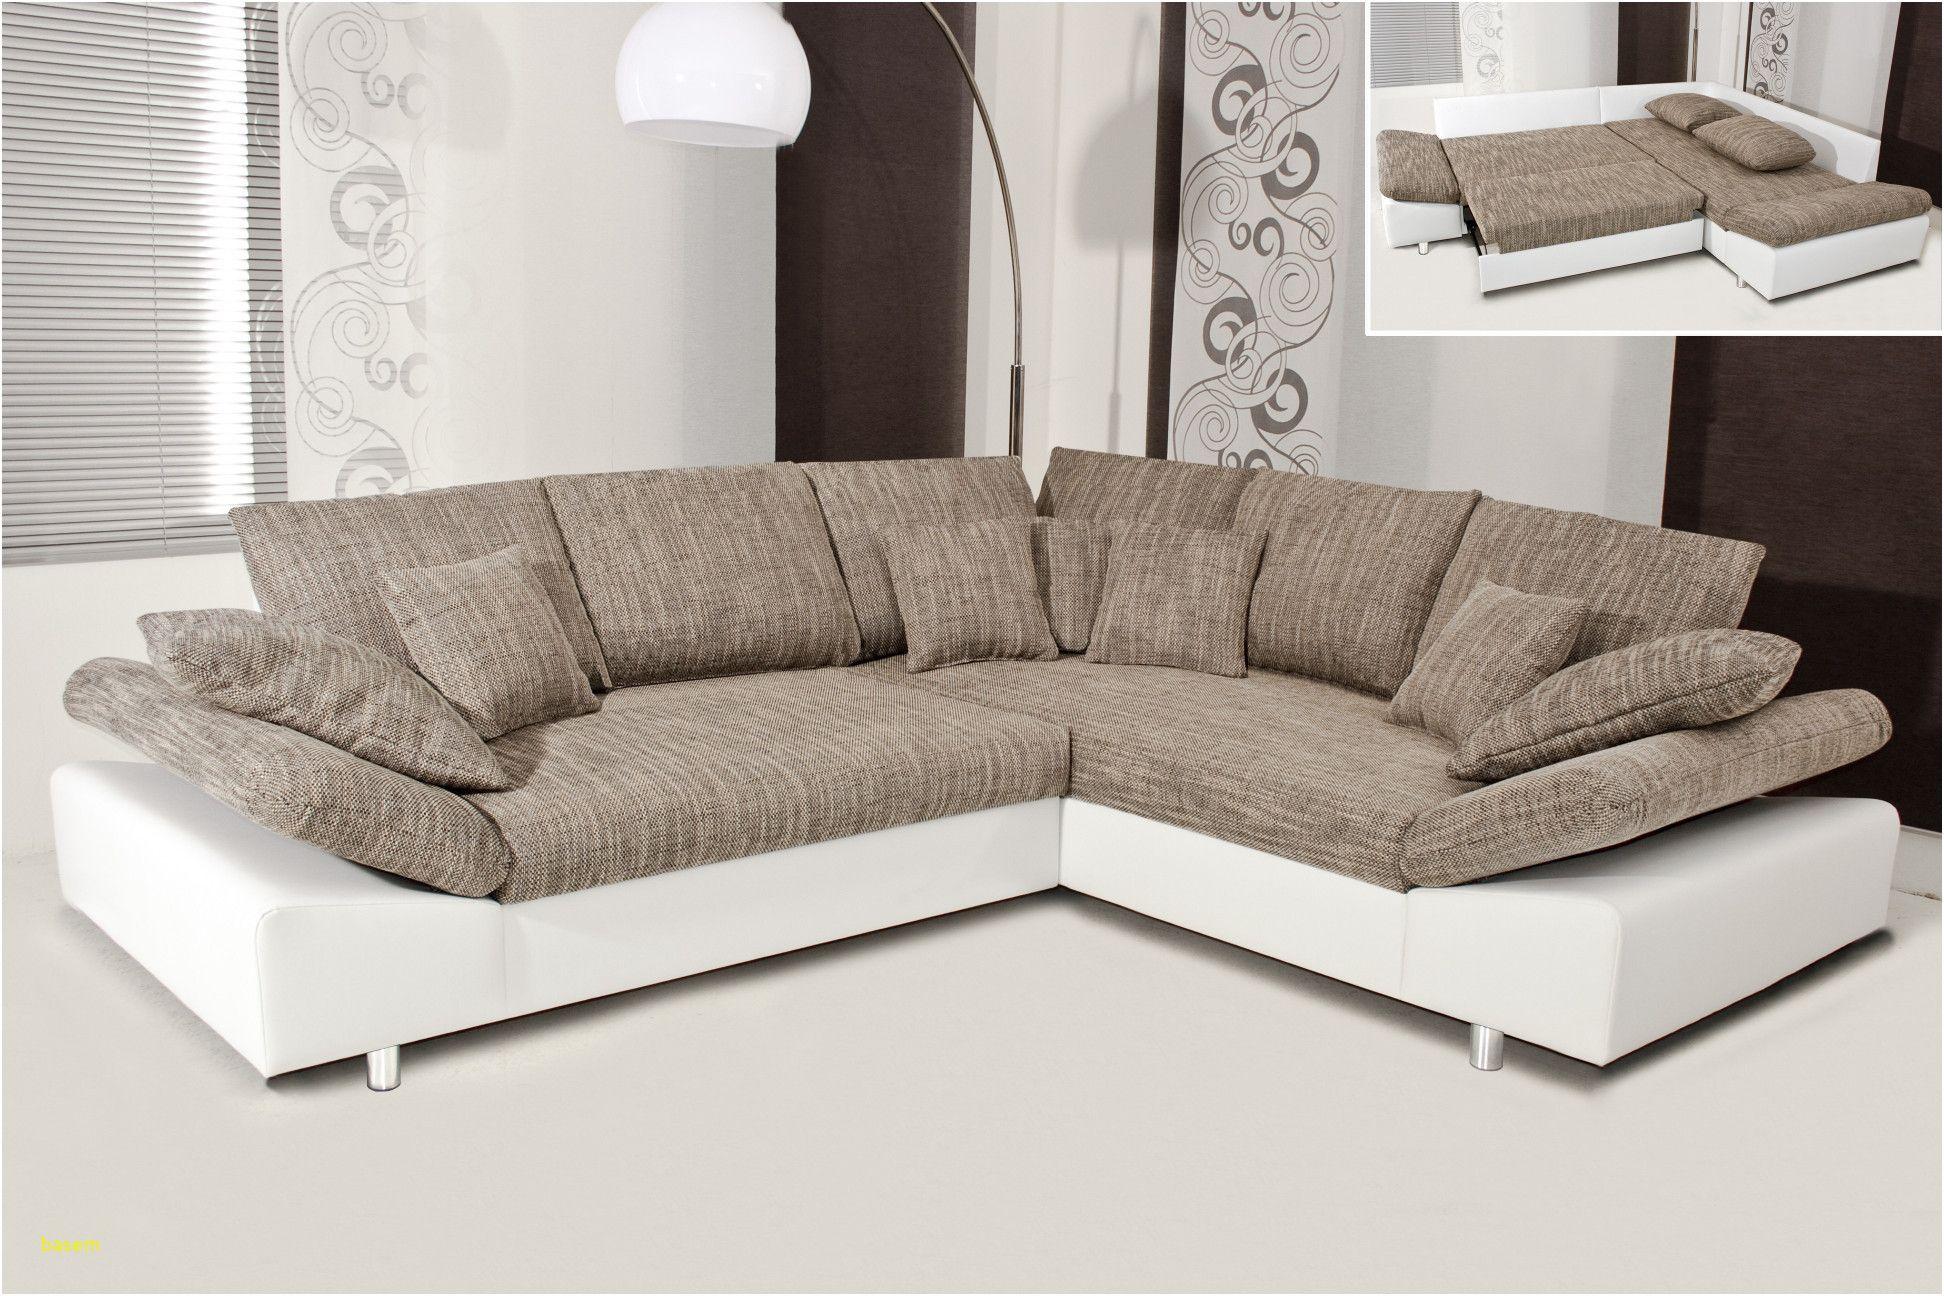 Typisch Otto Wohnzimmer Sofa Couch Mobel Di 2018 Pinterest